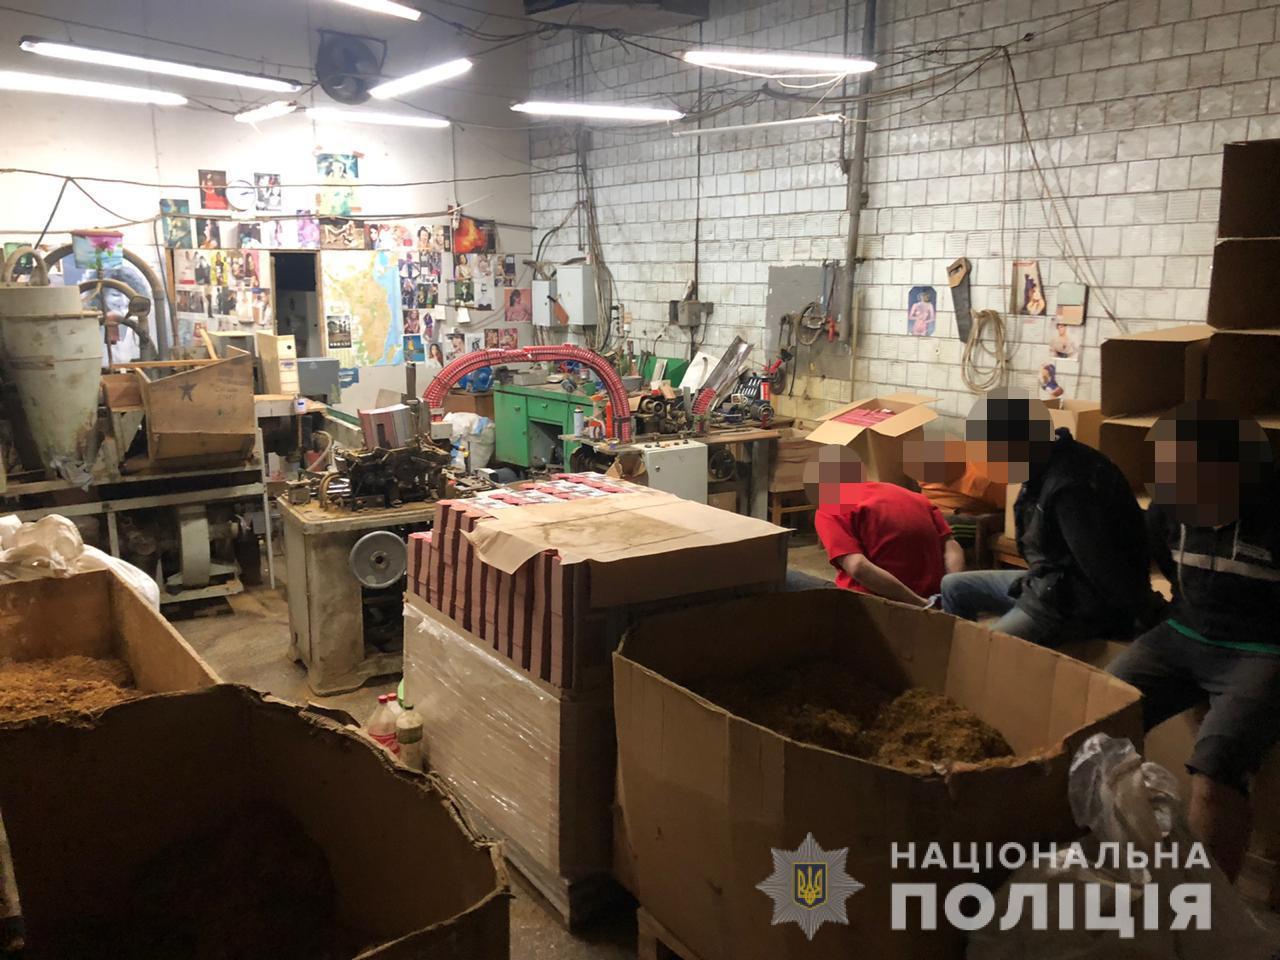 На Чернігівщині виявили підпільний цех із виробництва цигарок із потужністю понад півтора мільйона пачок щомісяця (Фото)